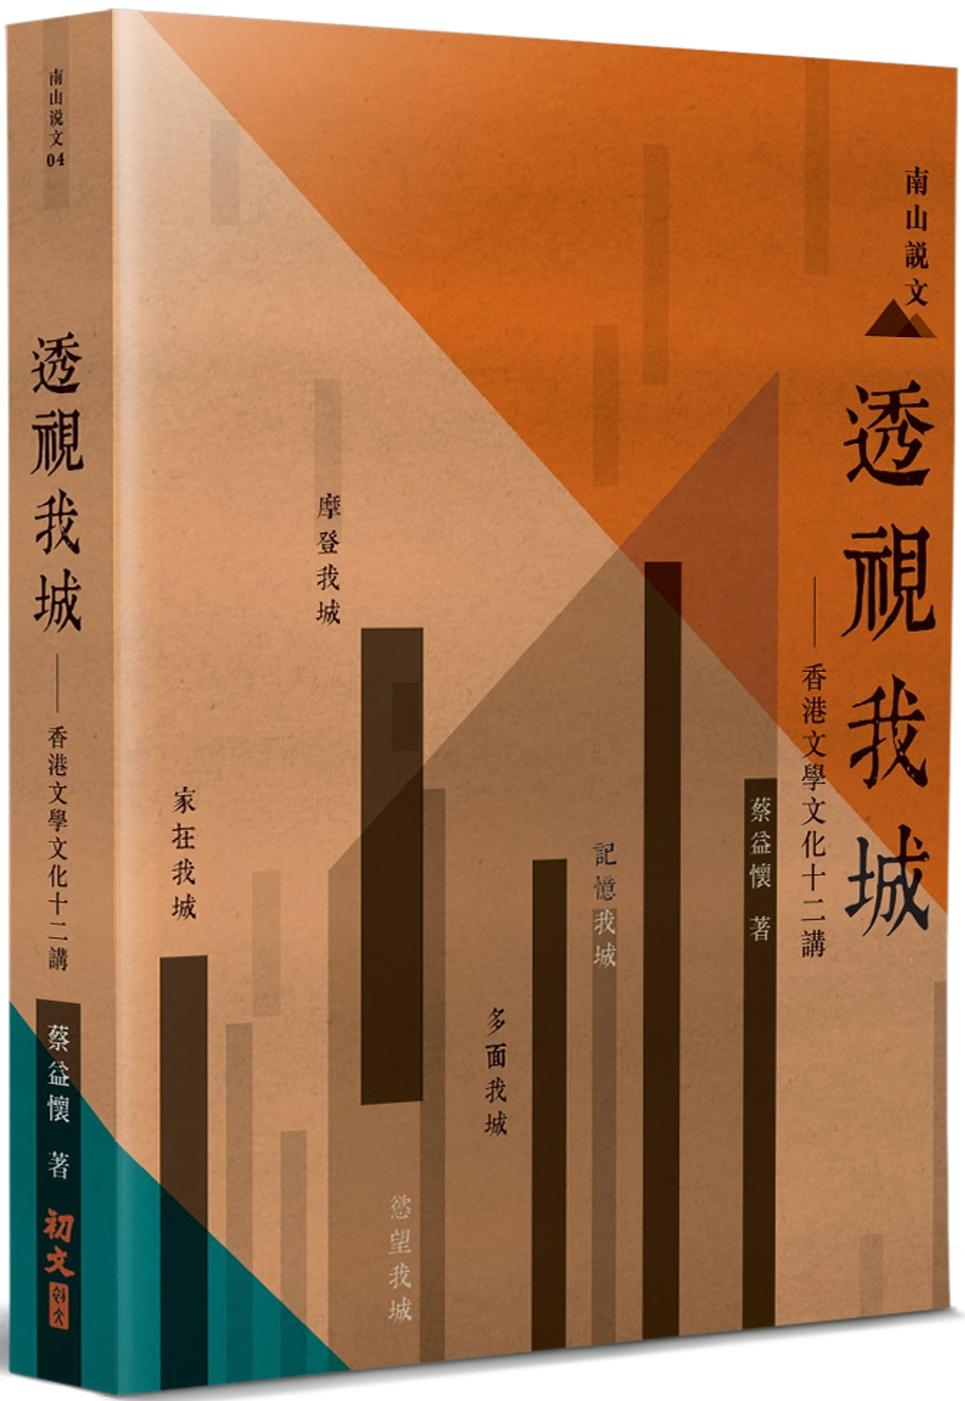 透視我城:香港文學文化十二講